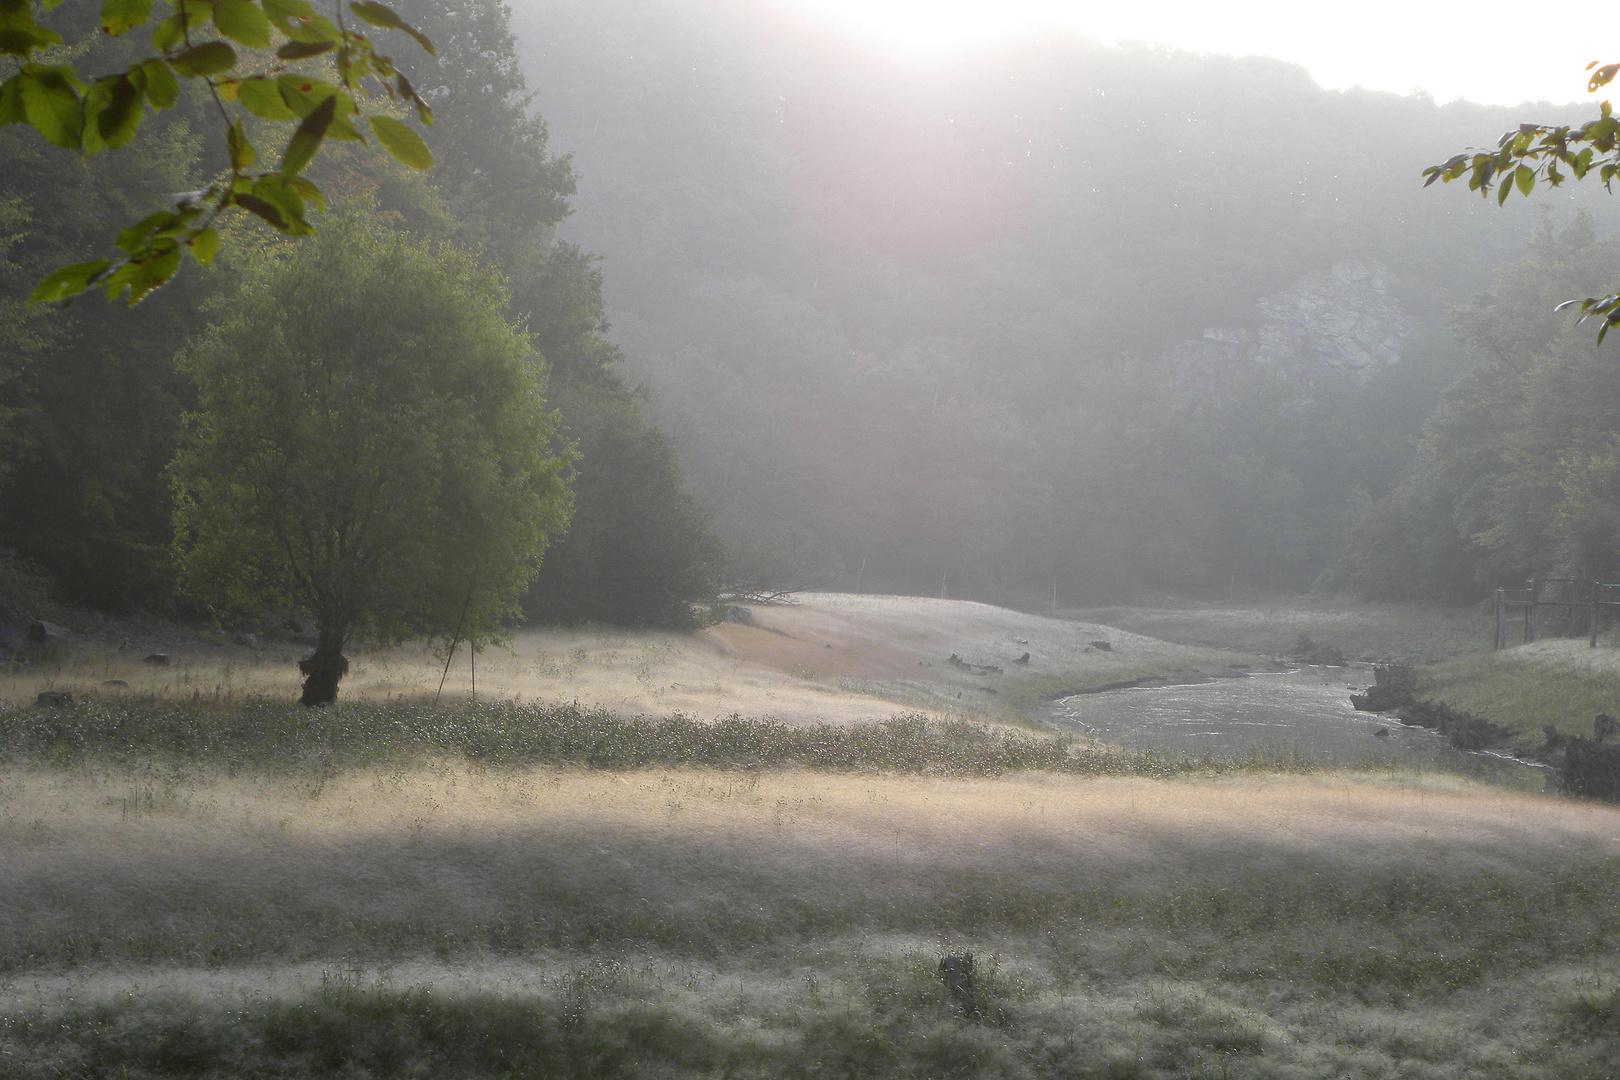 Te souviens-tu notre rivière ?